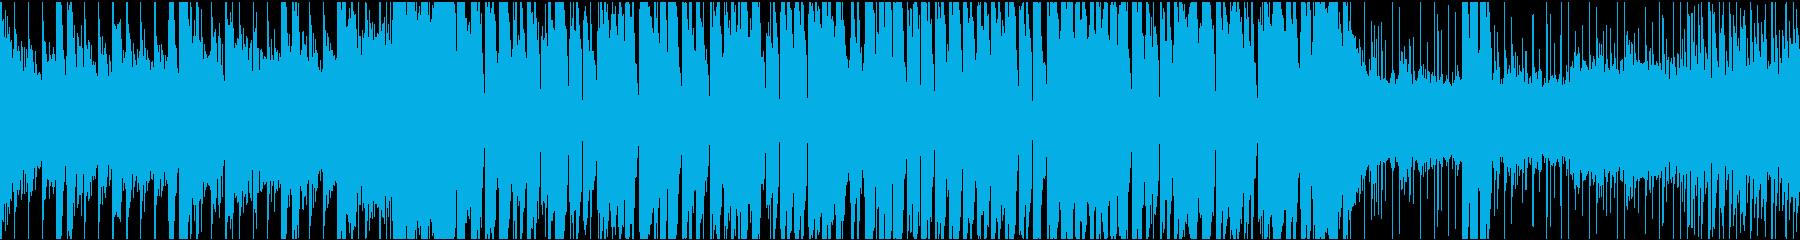 カタカナ日本語のかわいいテクノポップの再生済みの波形